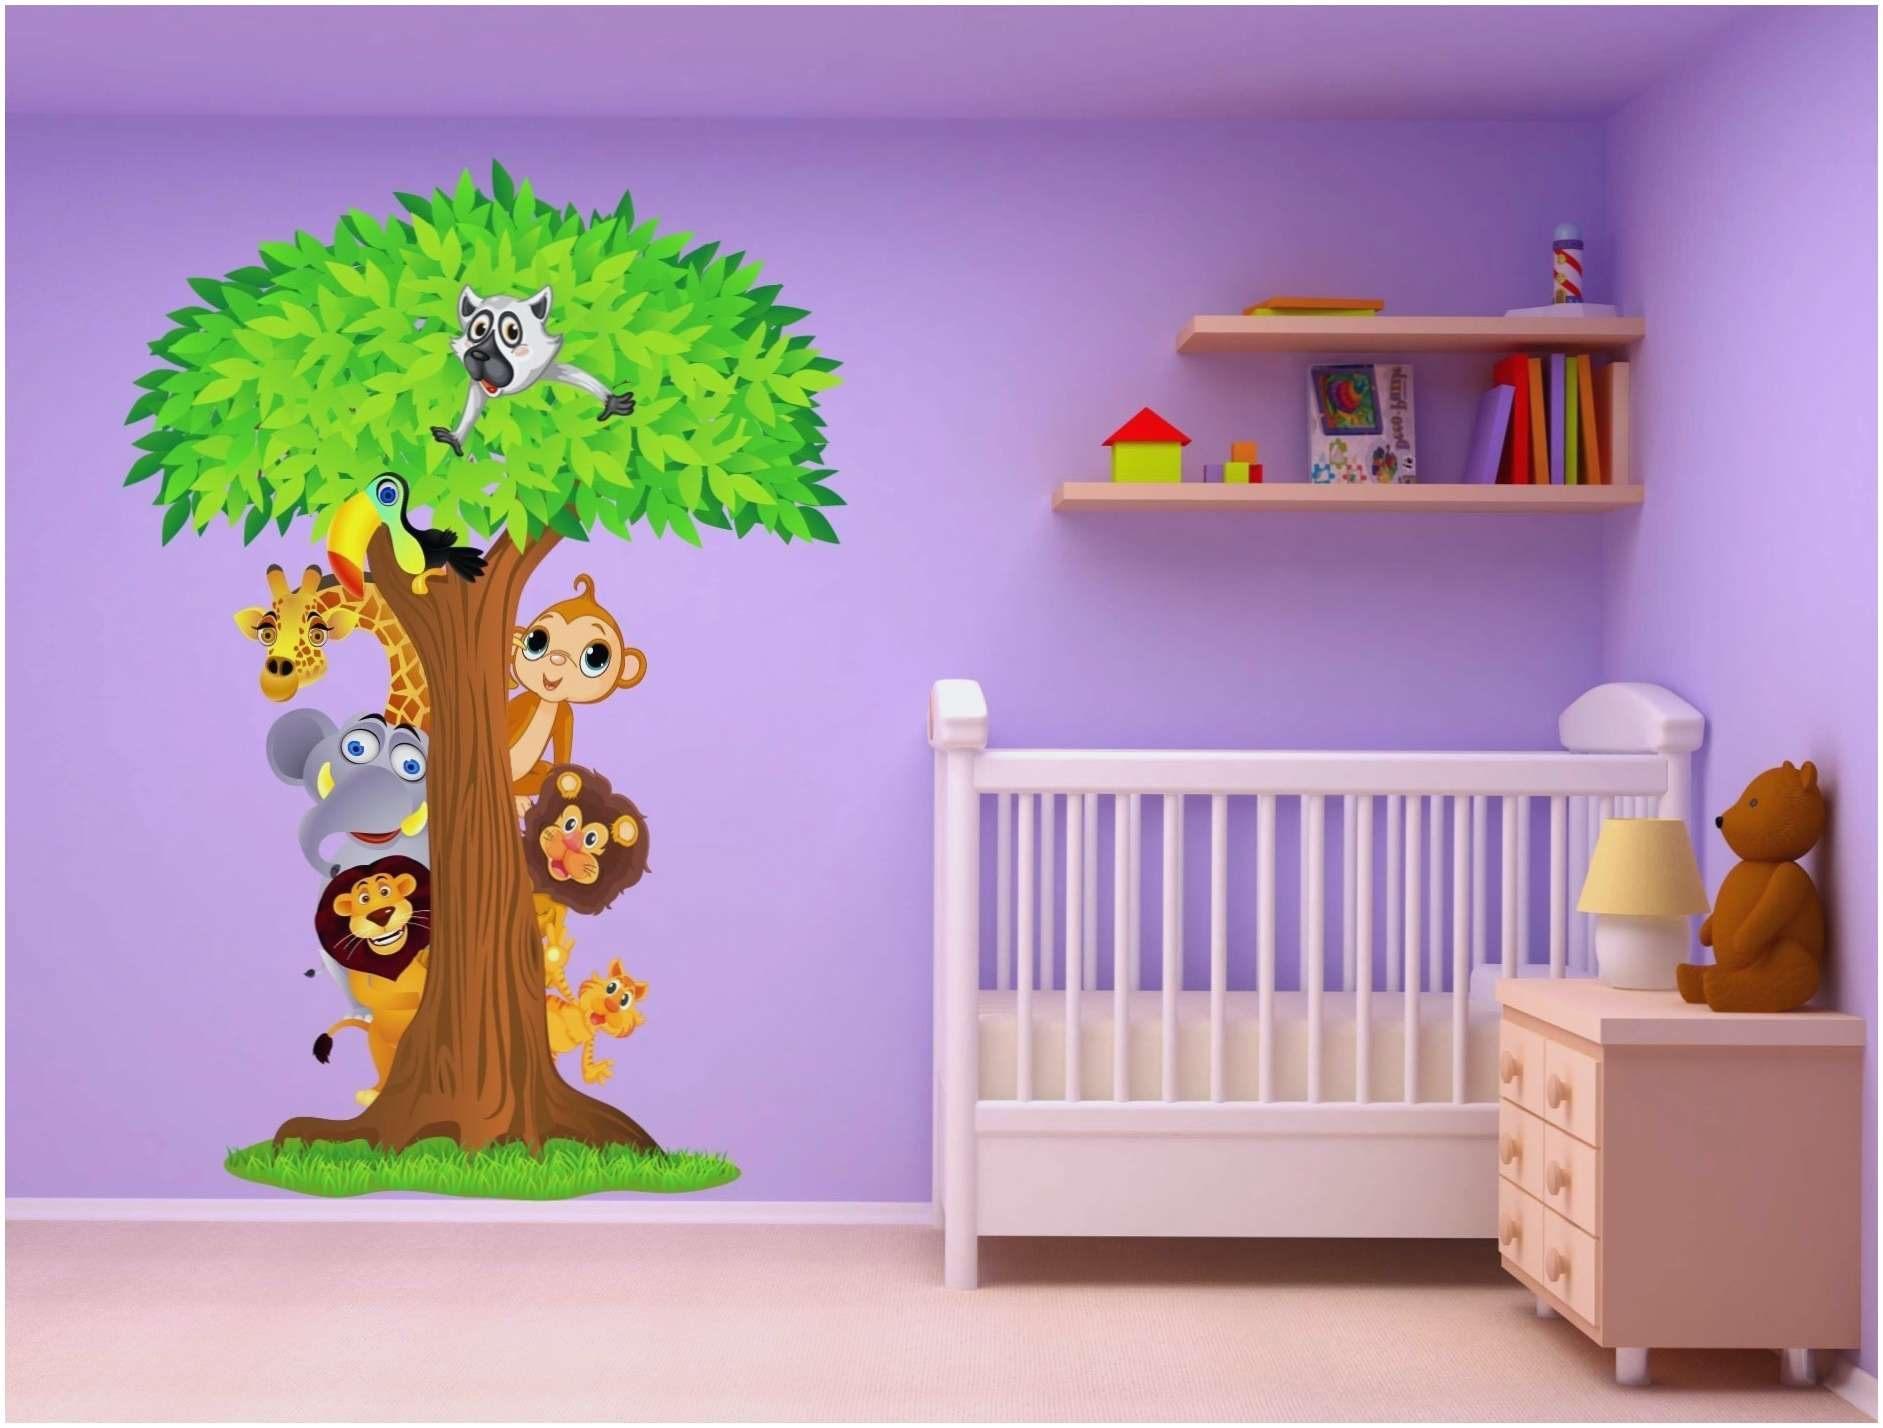 Lit Superposé Bébé Impressionnant Unique Chambre De Bébé Fille Parc B C3 A9b C3 A9 Gris Parer] 100